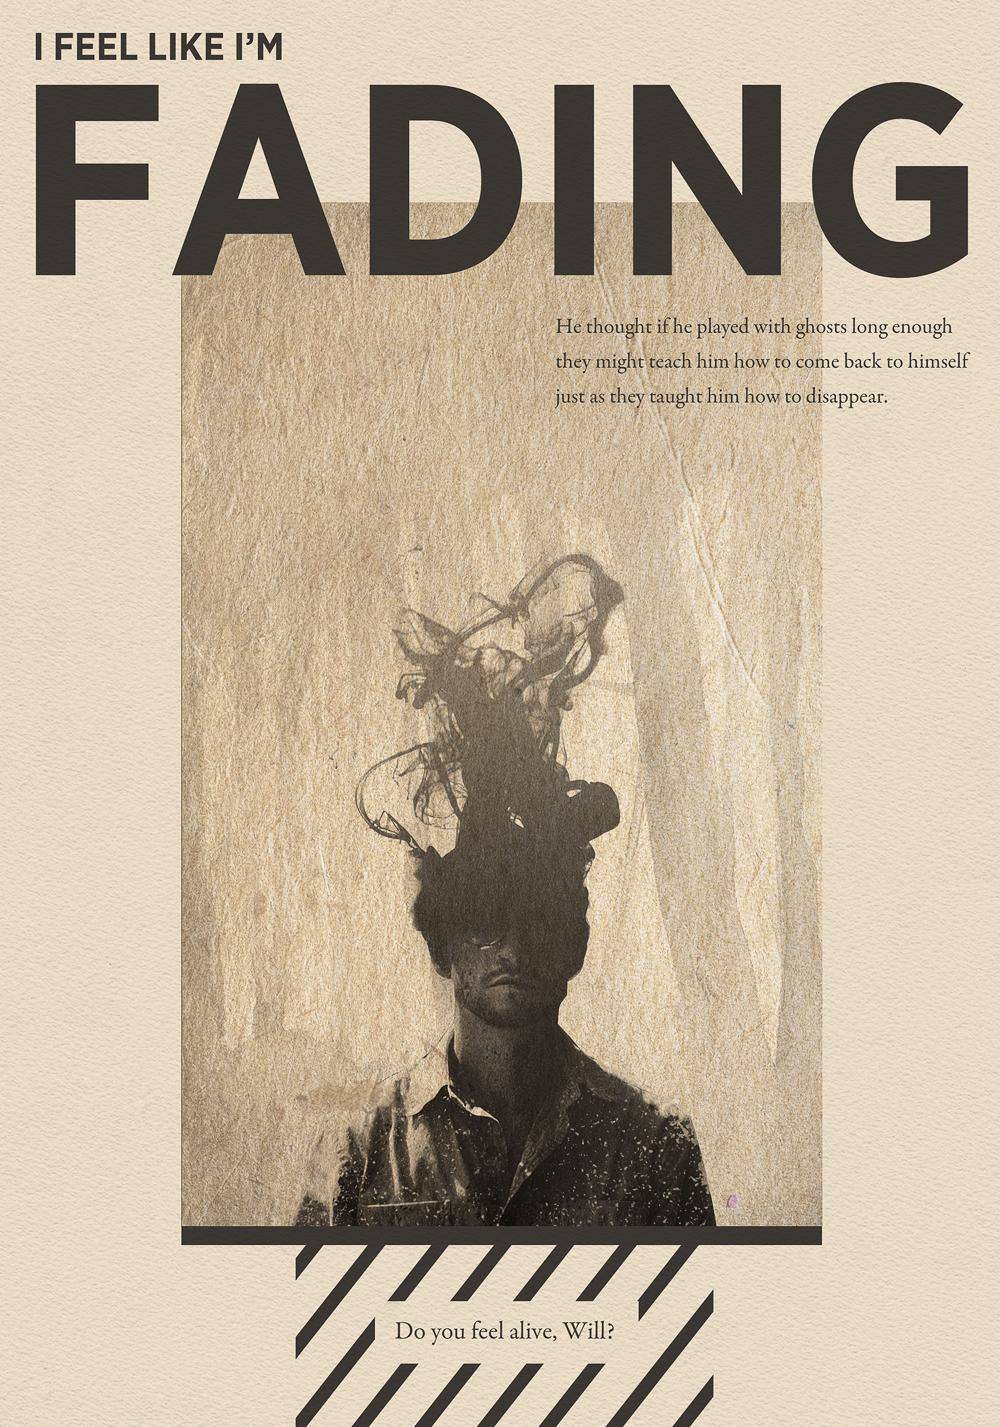 will-fading.jpg